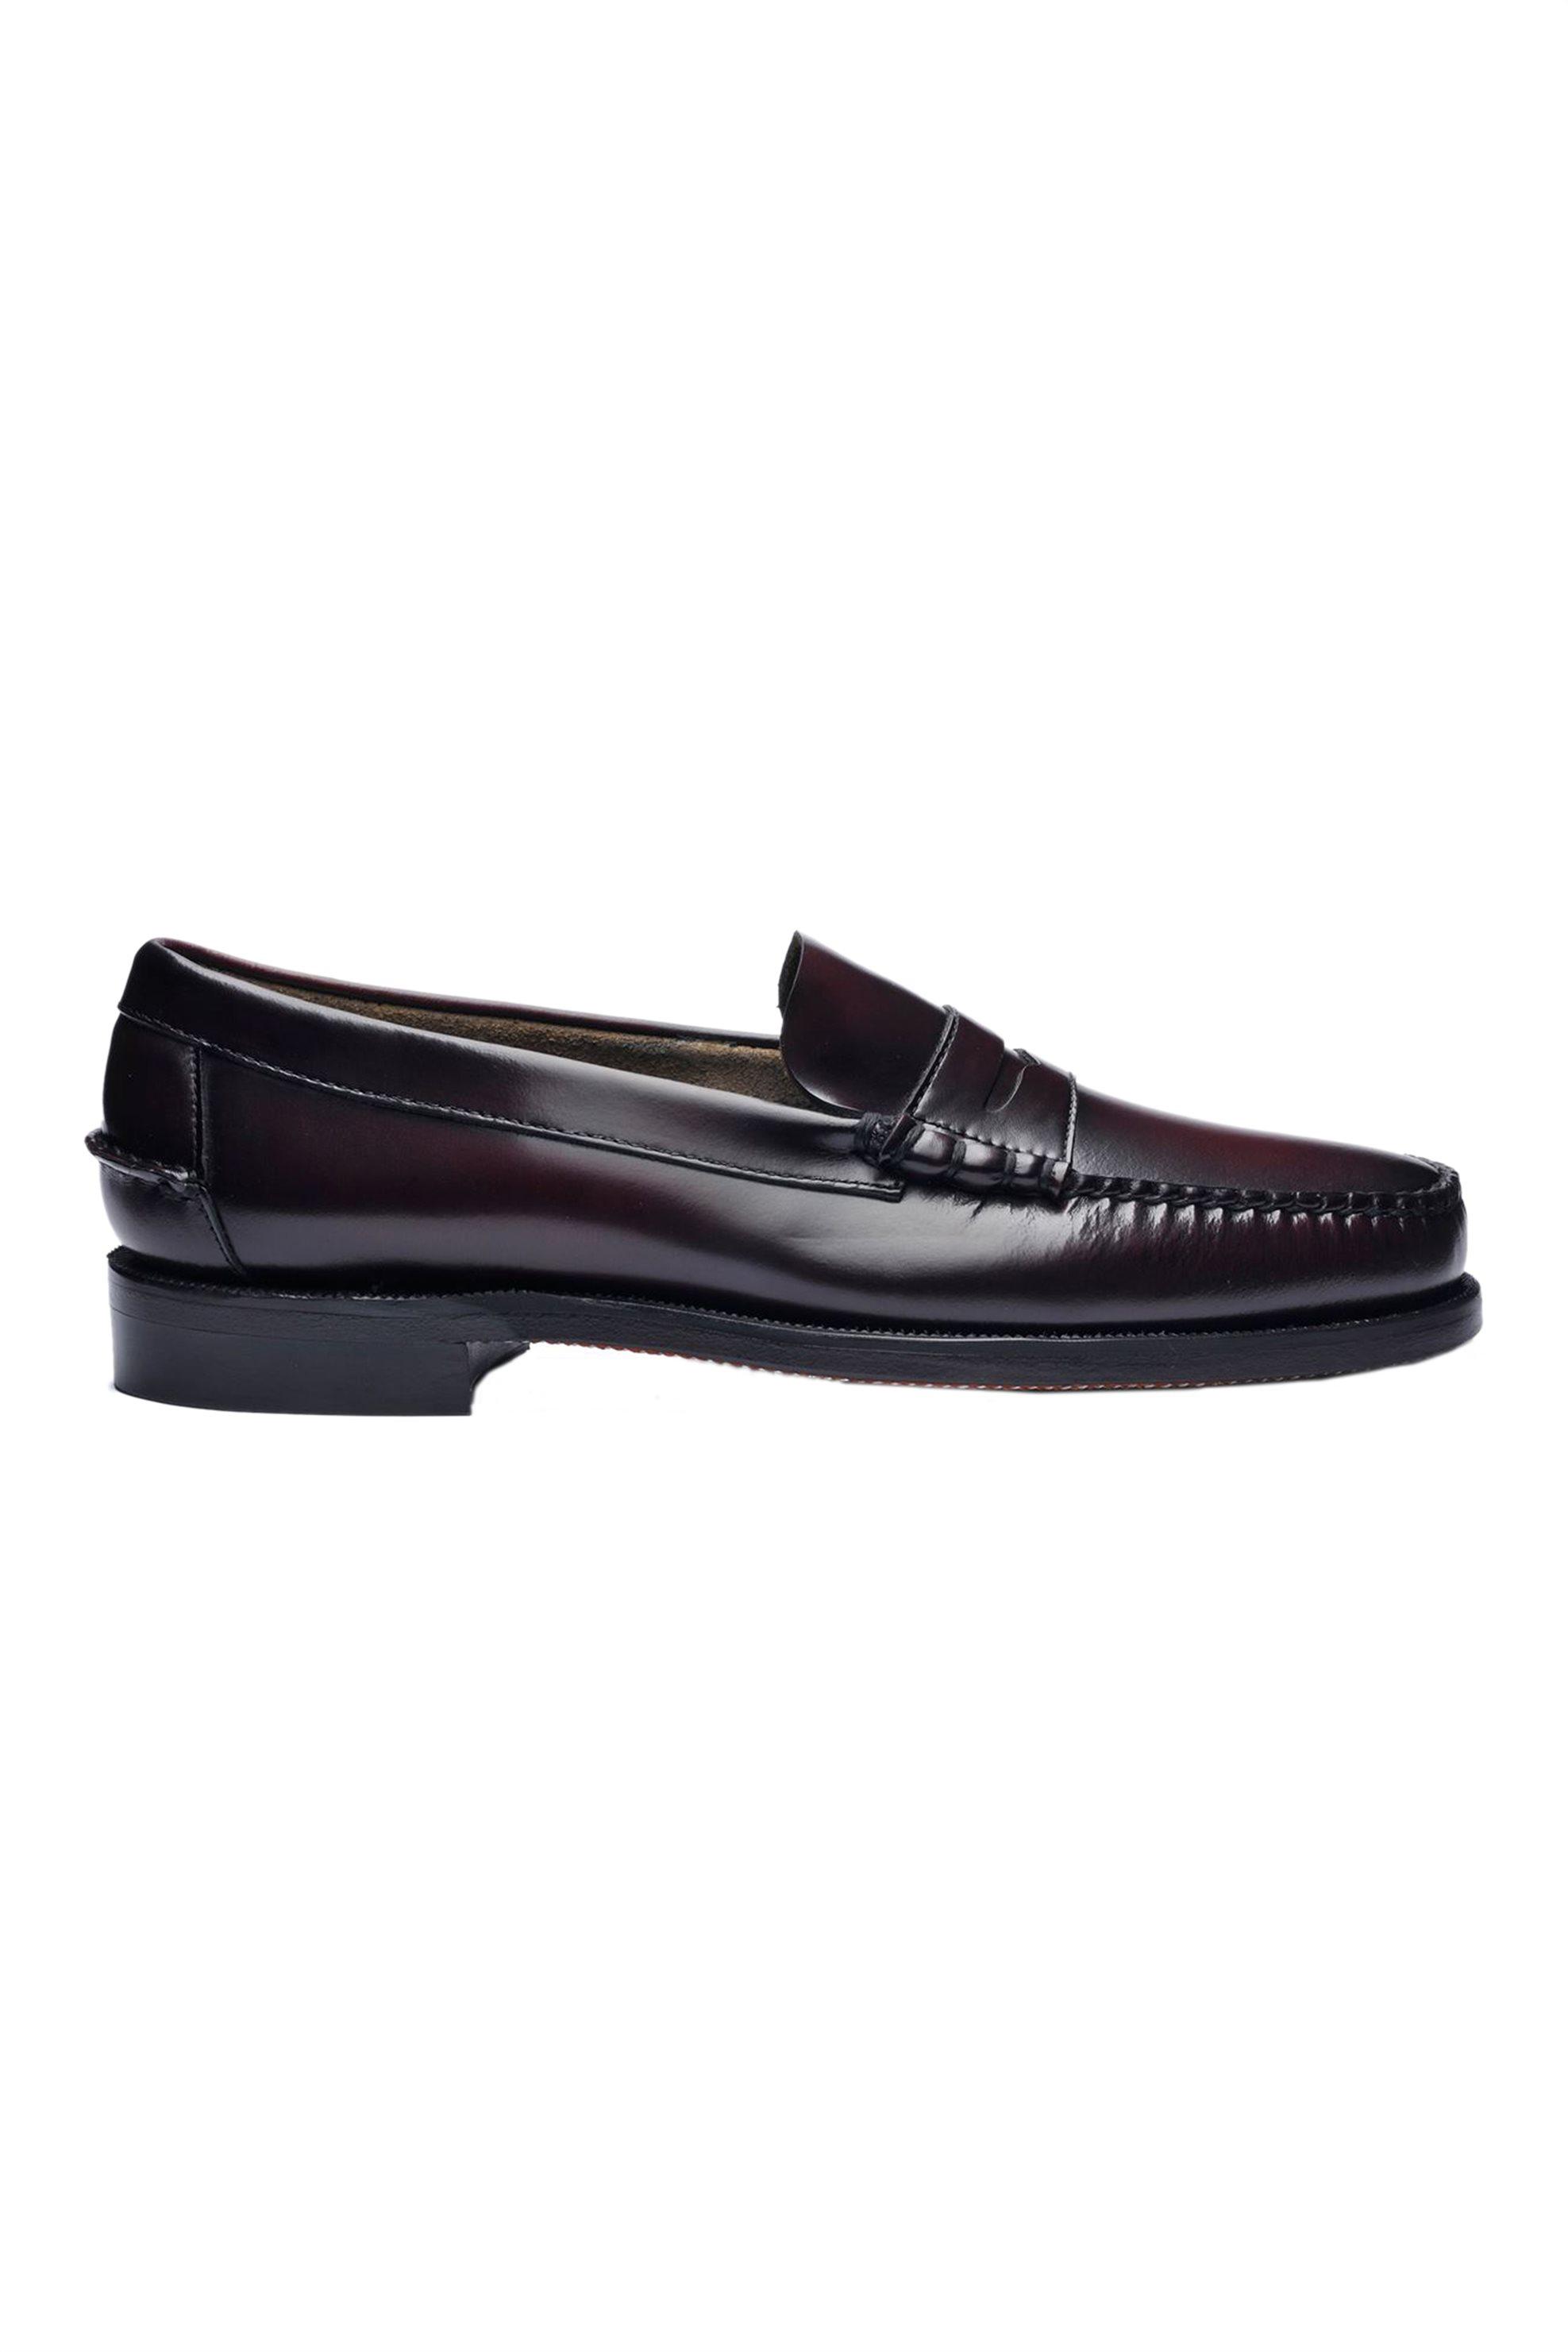 """Sebago® ανδρικά penny loafers """"Classic Dan"""" – L7000300-903W – Μπορντό"""